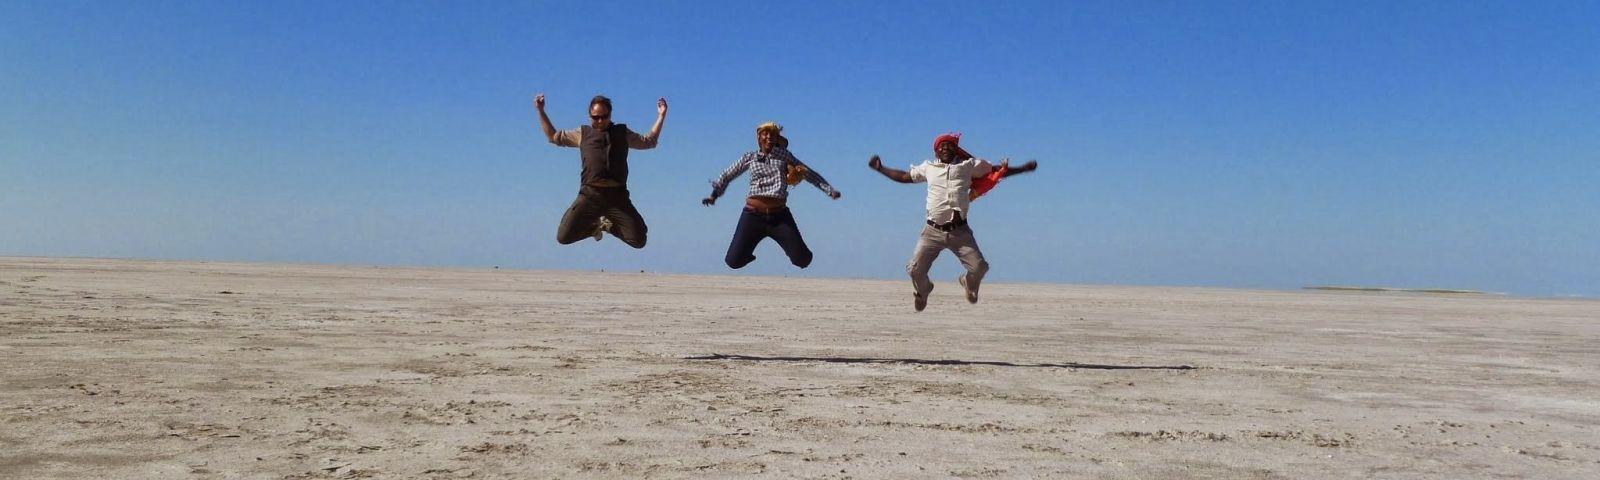 Kalahari salt pans